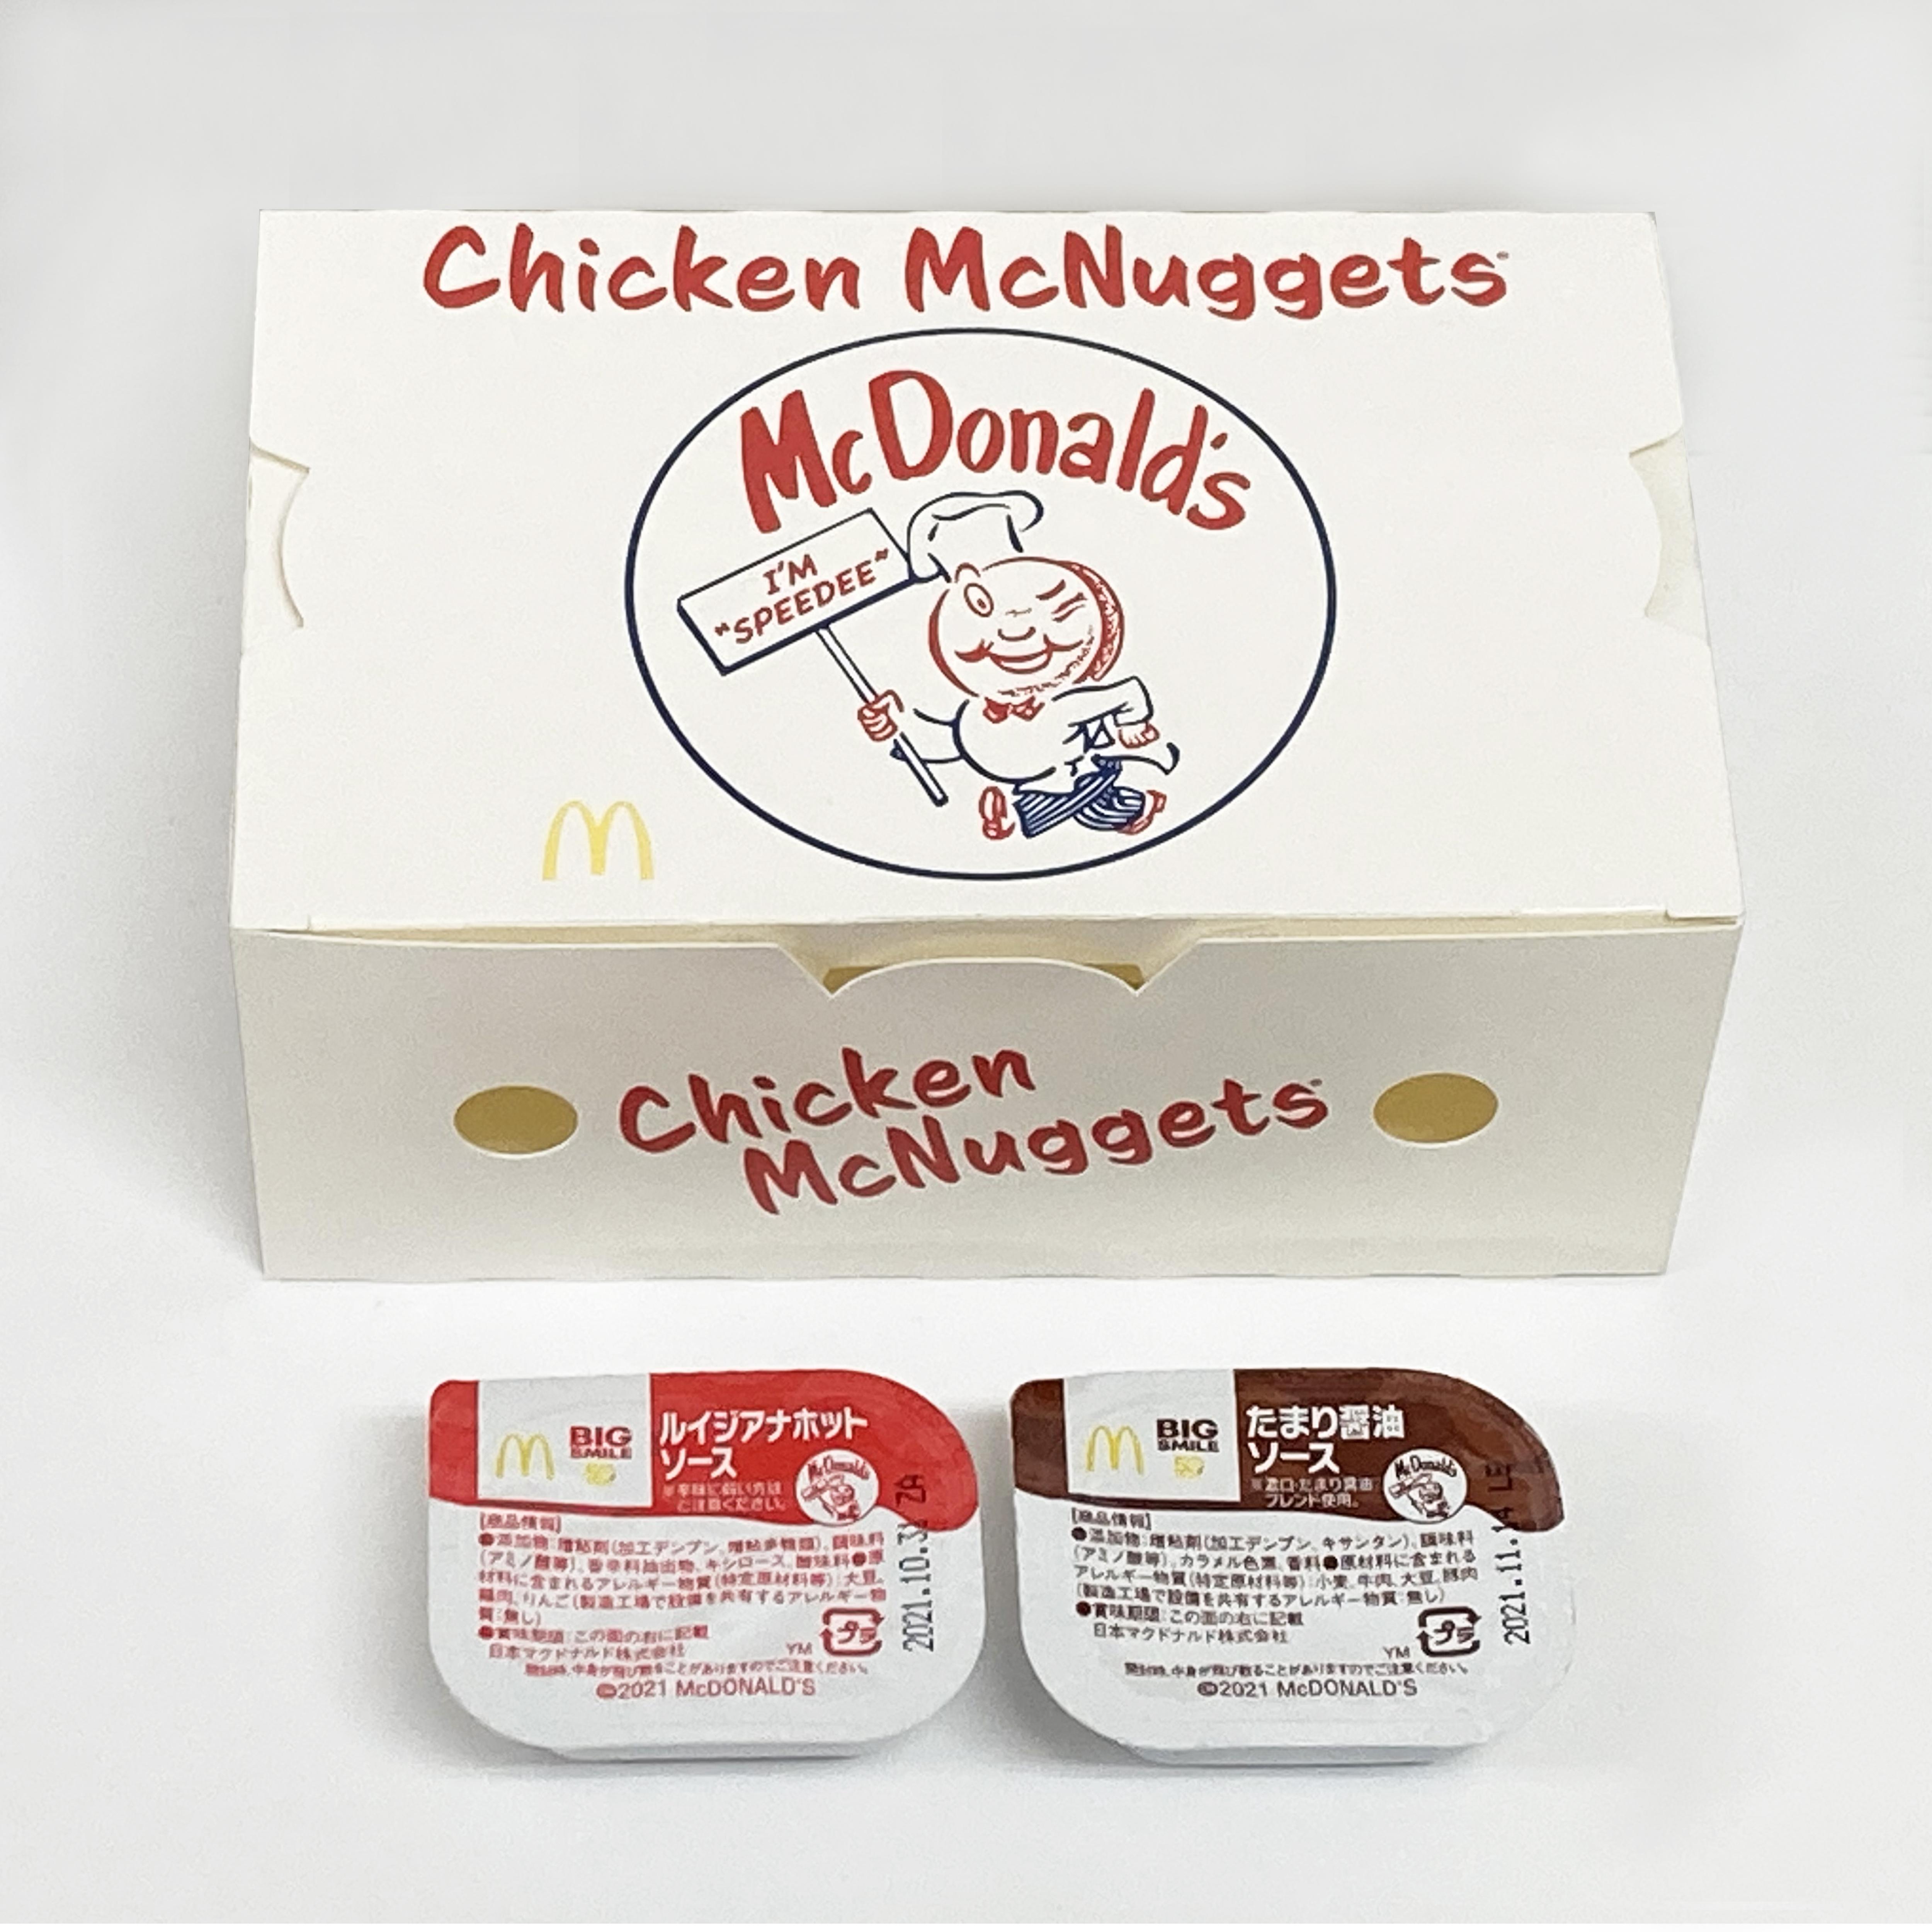 マクドナルド <夏のとっておきMENU>チキンマックナゲット:イメージ